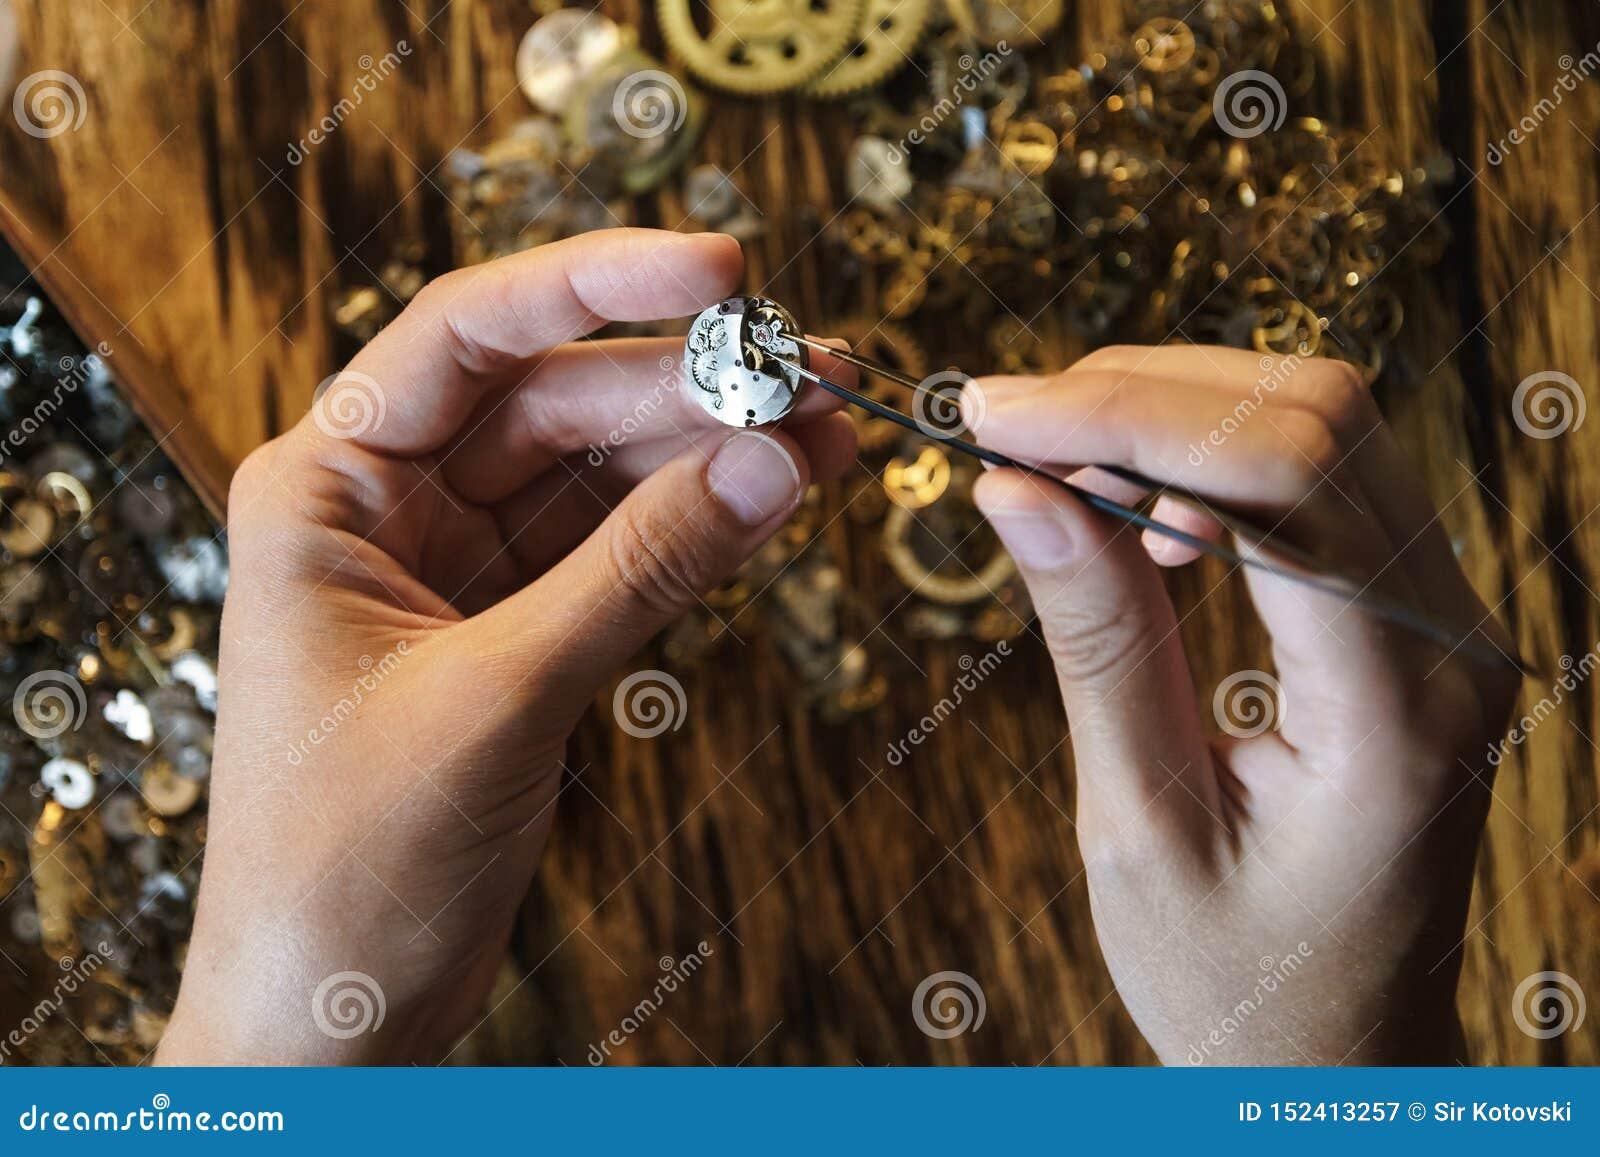 Naprawianie rocznika zegarków krótkopęd zamknięty w górę